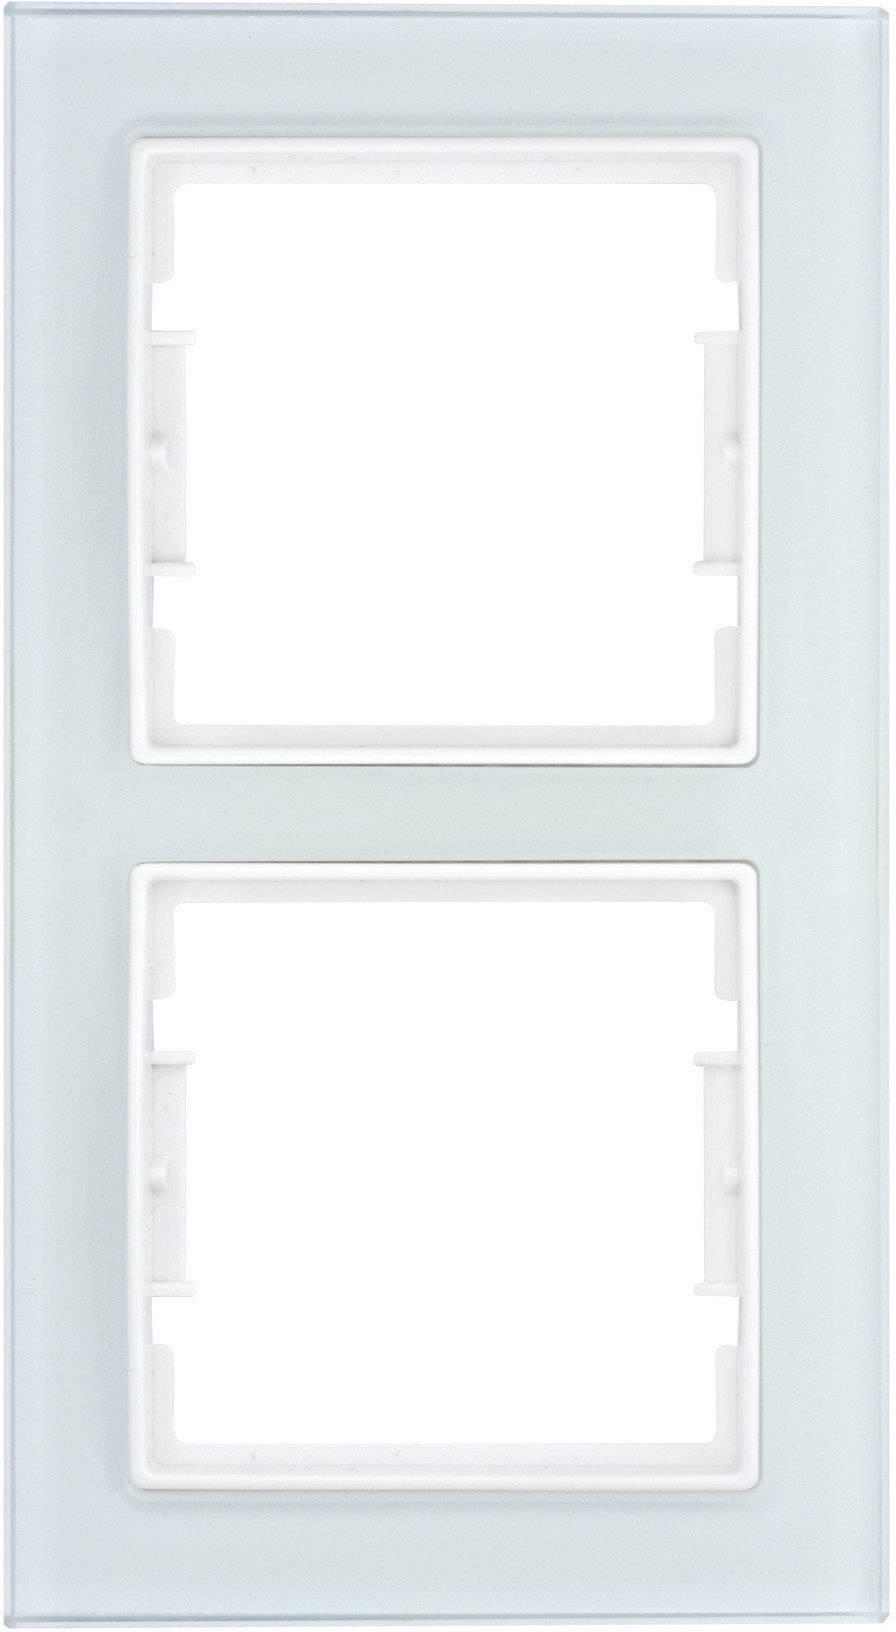 Peramax 2násobný rámček zásuvku/vypínač Peramax 2170-811-1201